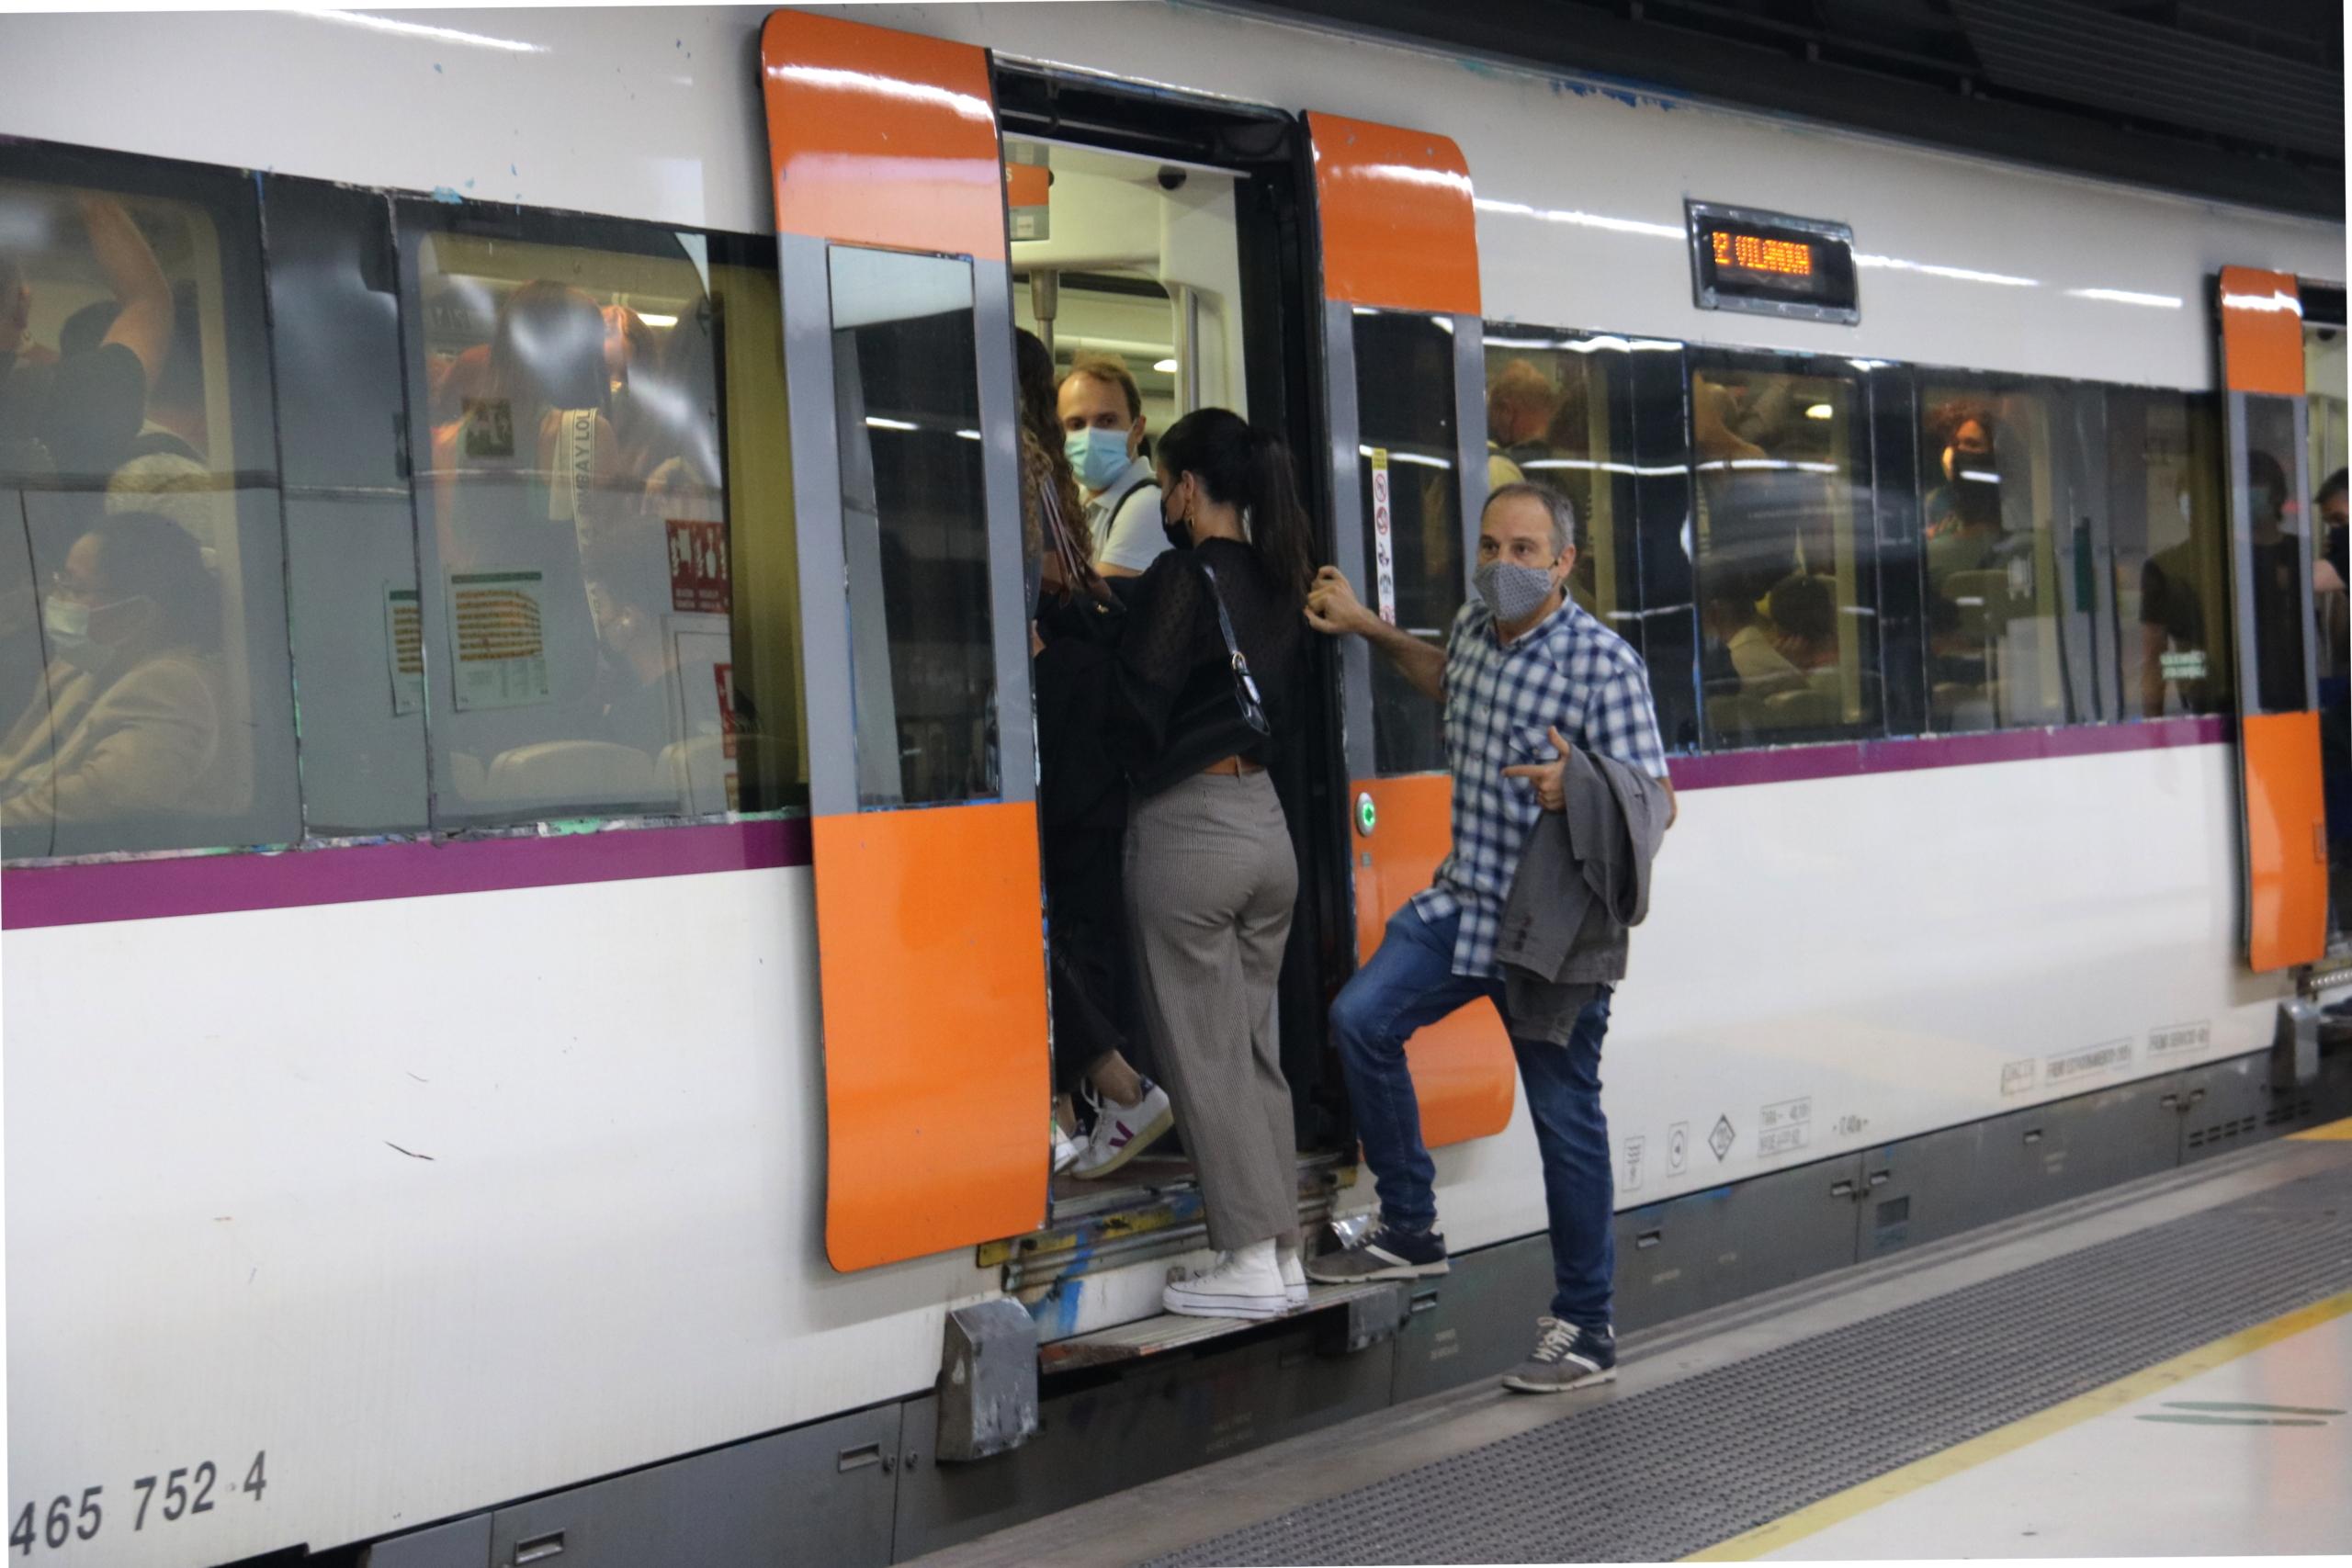 Gent en un tren de Rodalies aturat a Sants, l'1 d'octubre del 2021, durant la vaga de maquinistes | ACN